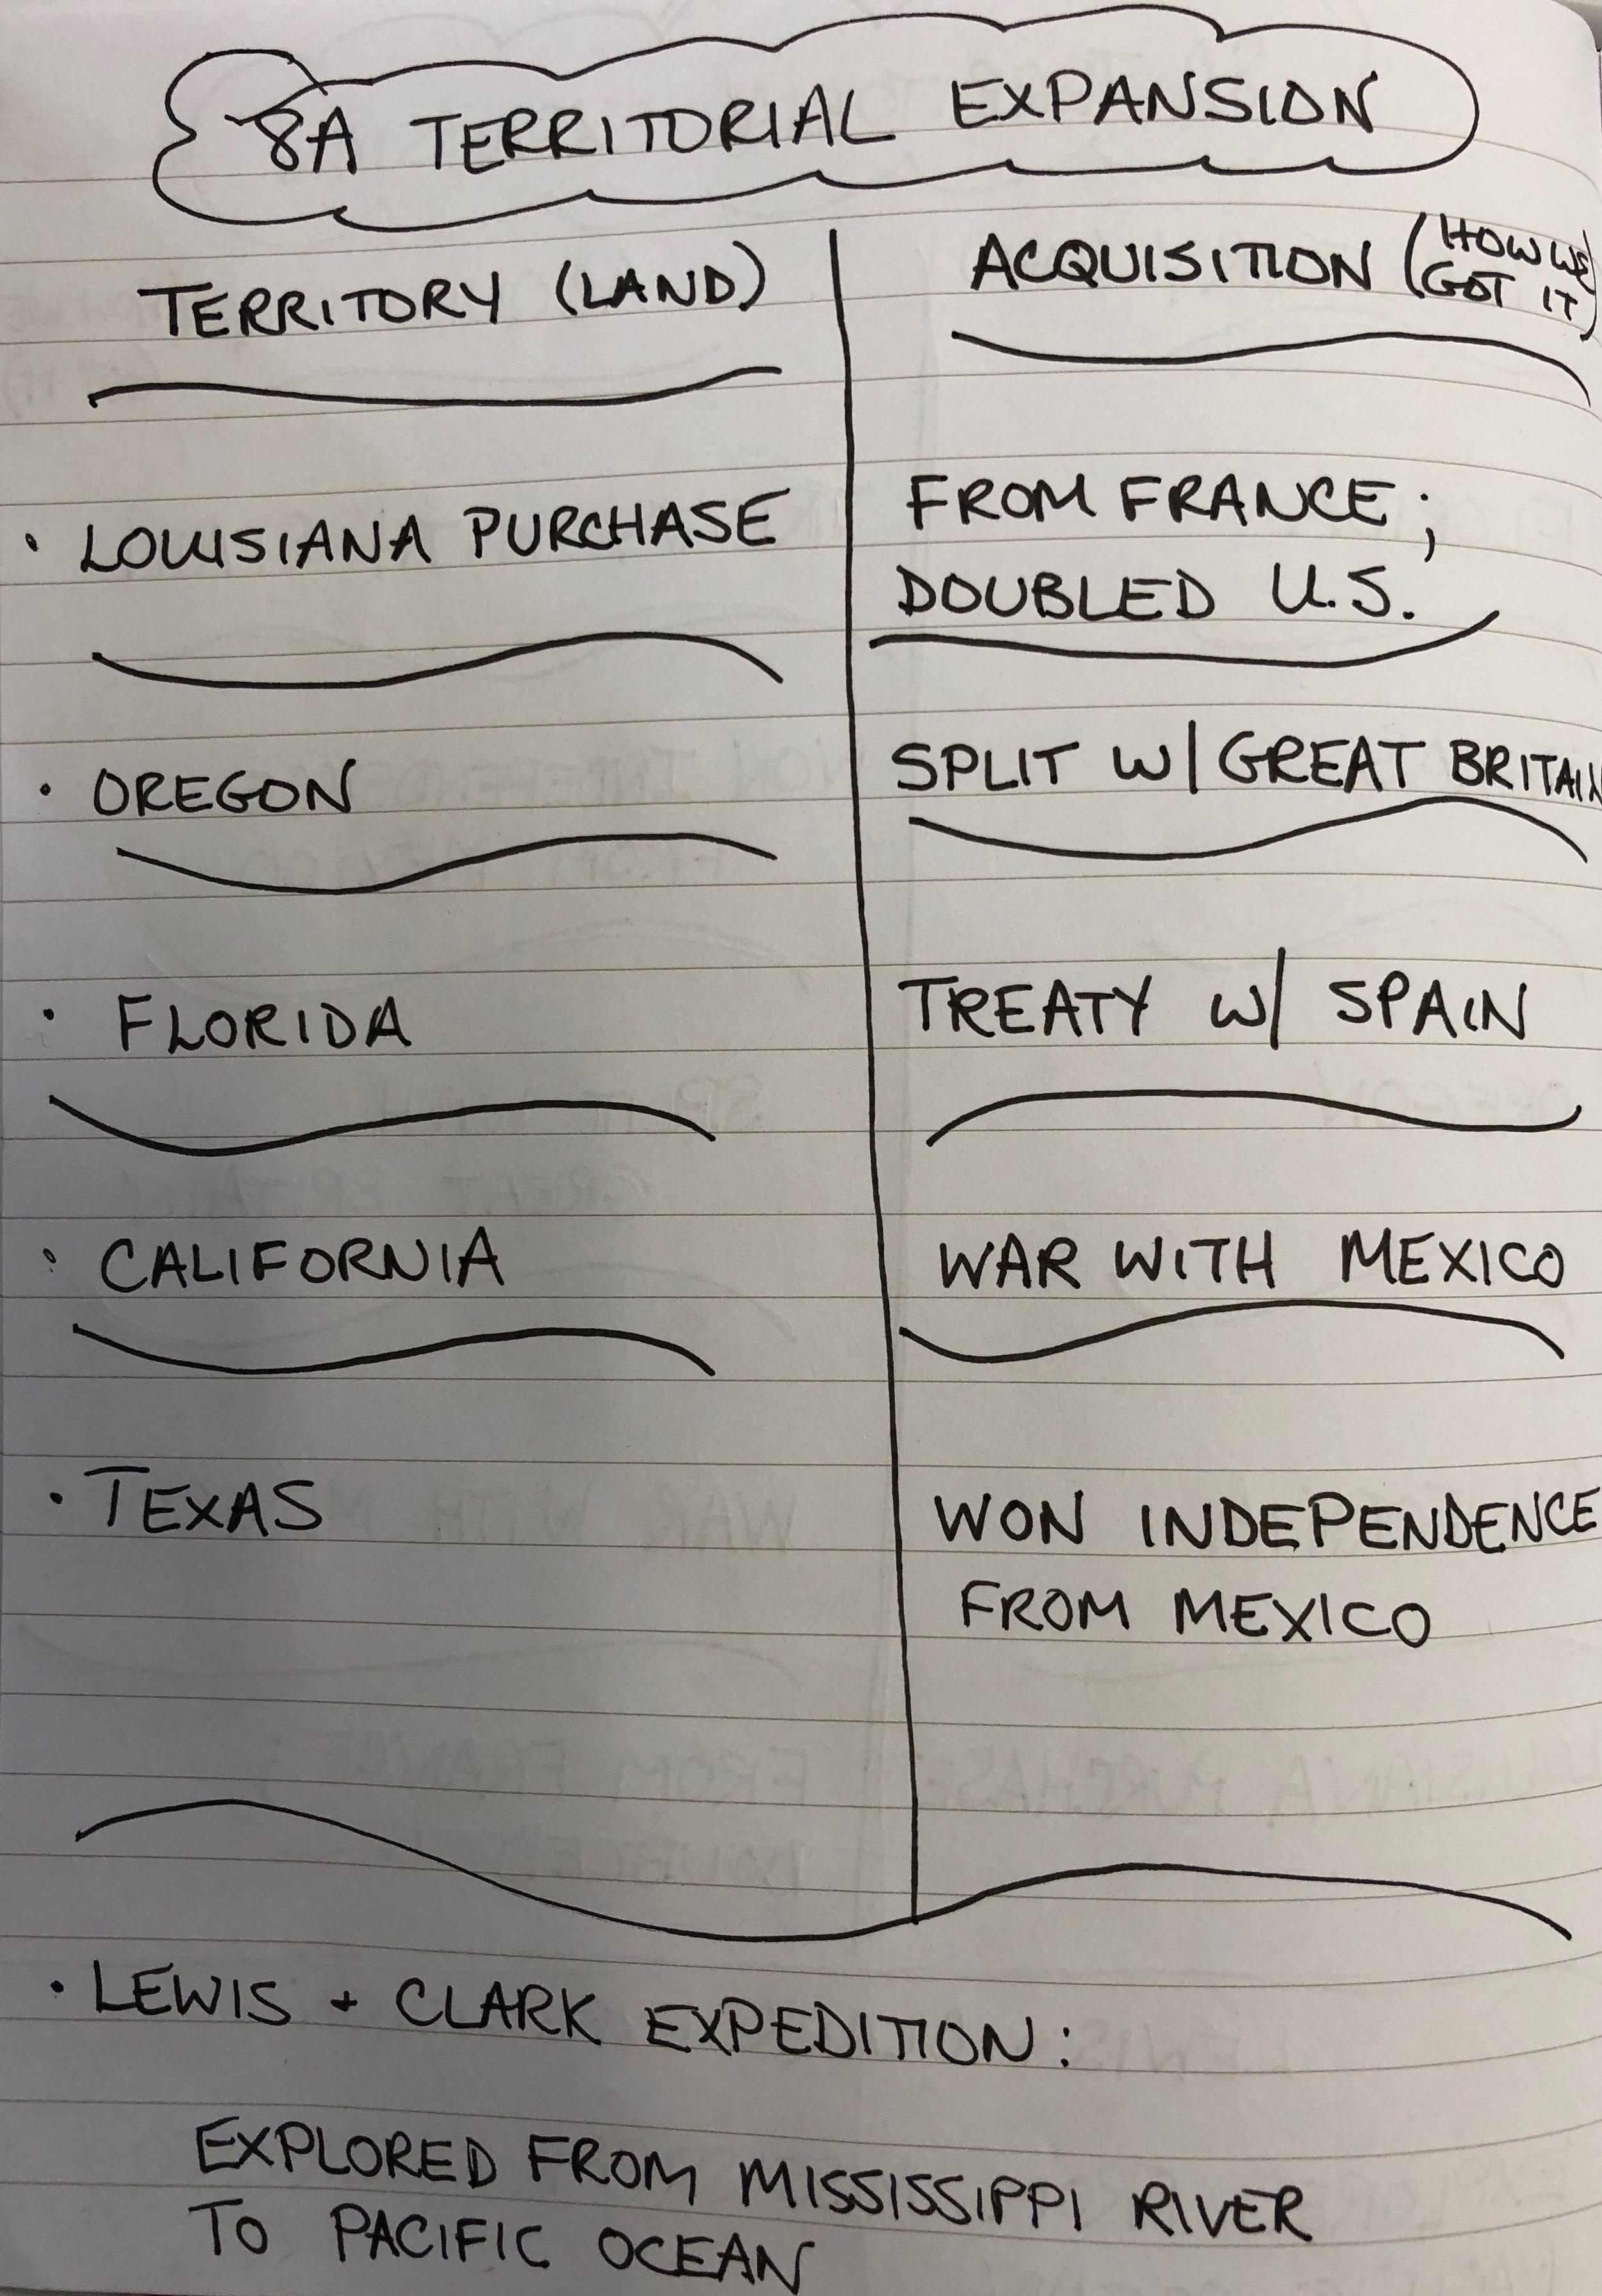 8a Chart.jpeg